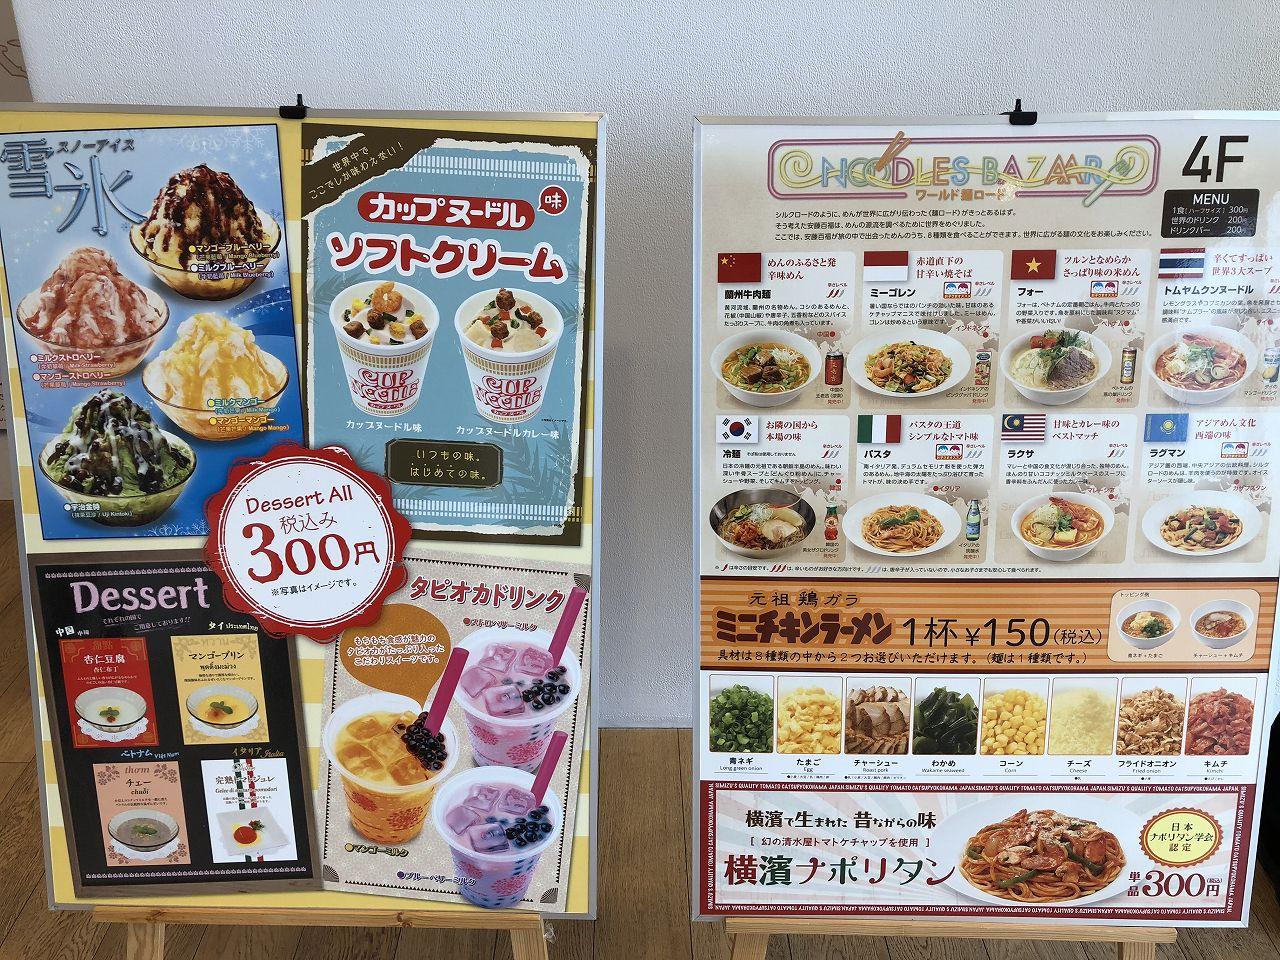 ワールド麺ロードメニュー